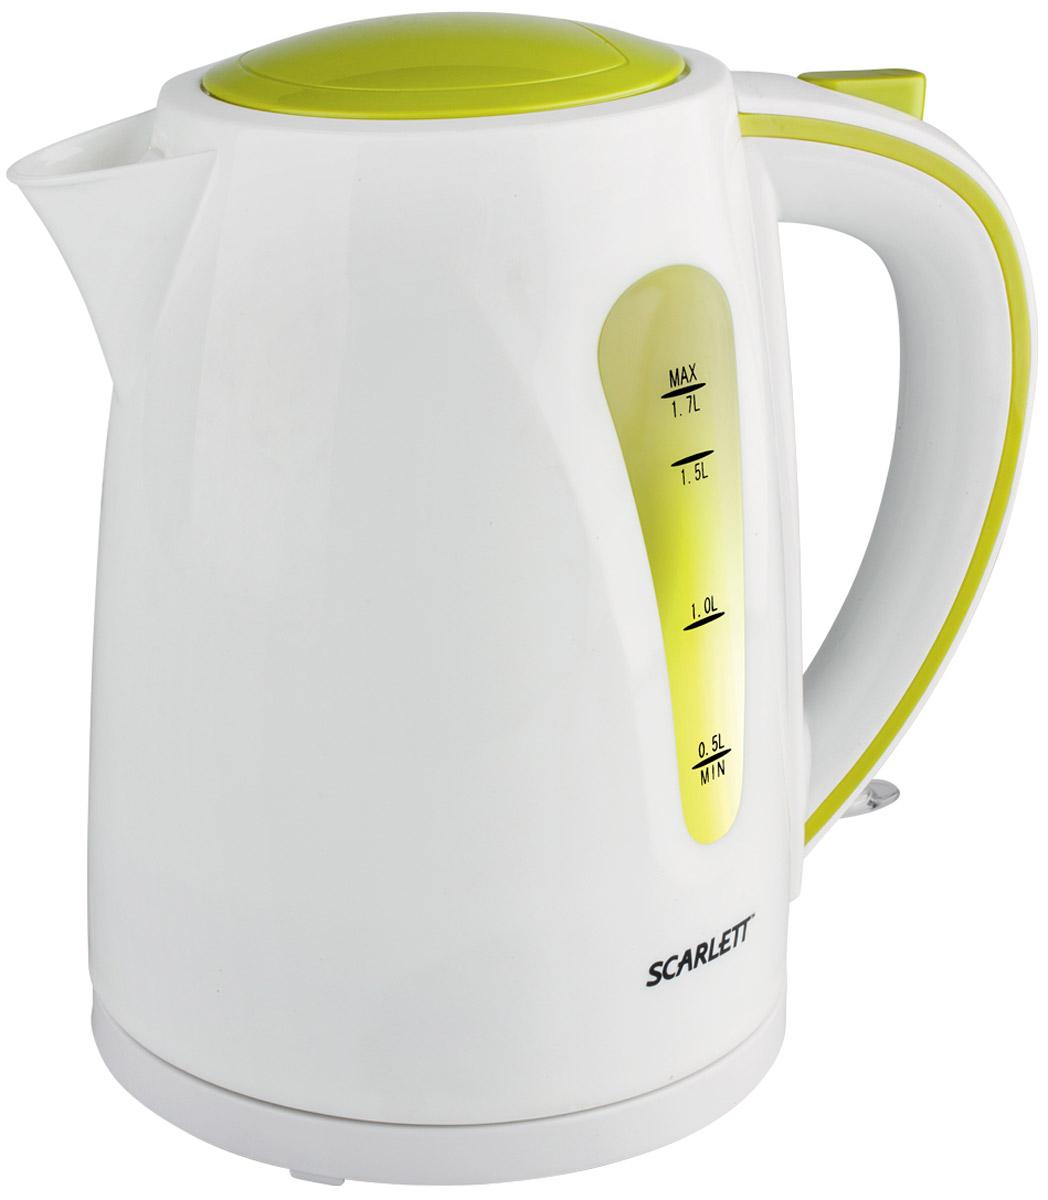 Scarlett SC-EK18P13 электрический чайникSC-EK18P13Электрический чайник Scarlett SC-EK18P13 сделан из термоустойчивого пластика, фильтр в носике препятствует попаданию накипи в воду. Благодаря мощности 2200 Вт чайник обеспечит очень быстрое вскипание.